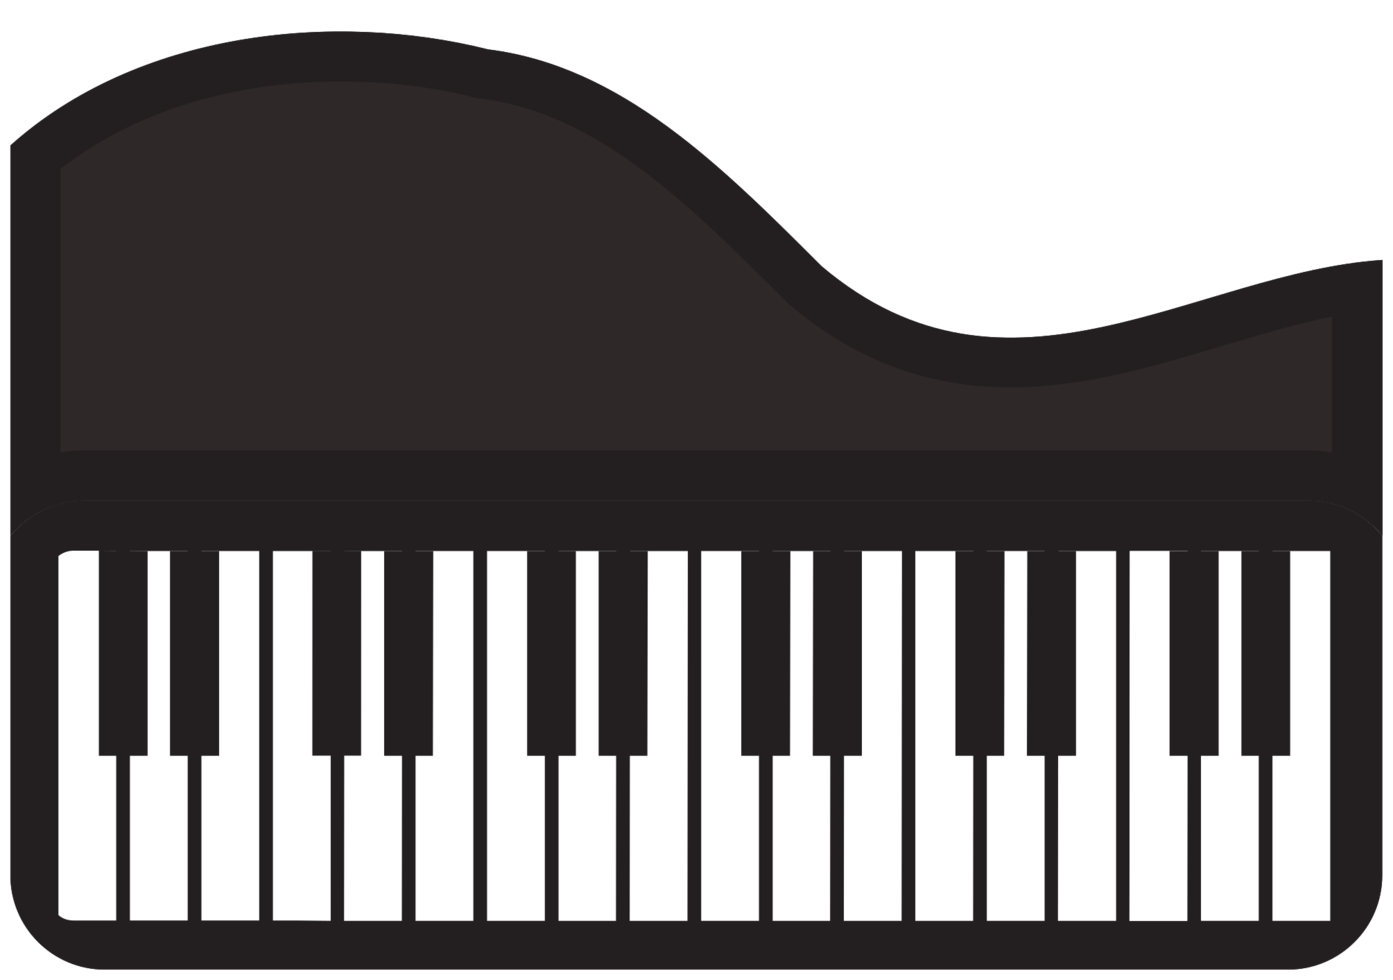 muziekinstrument vleugel png